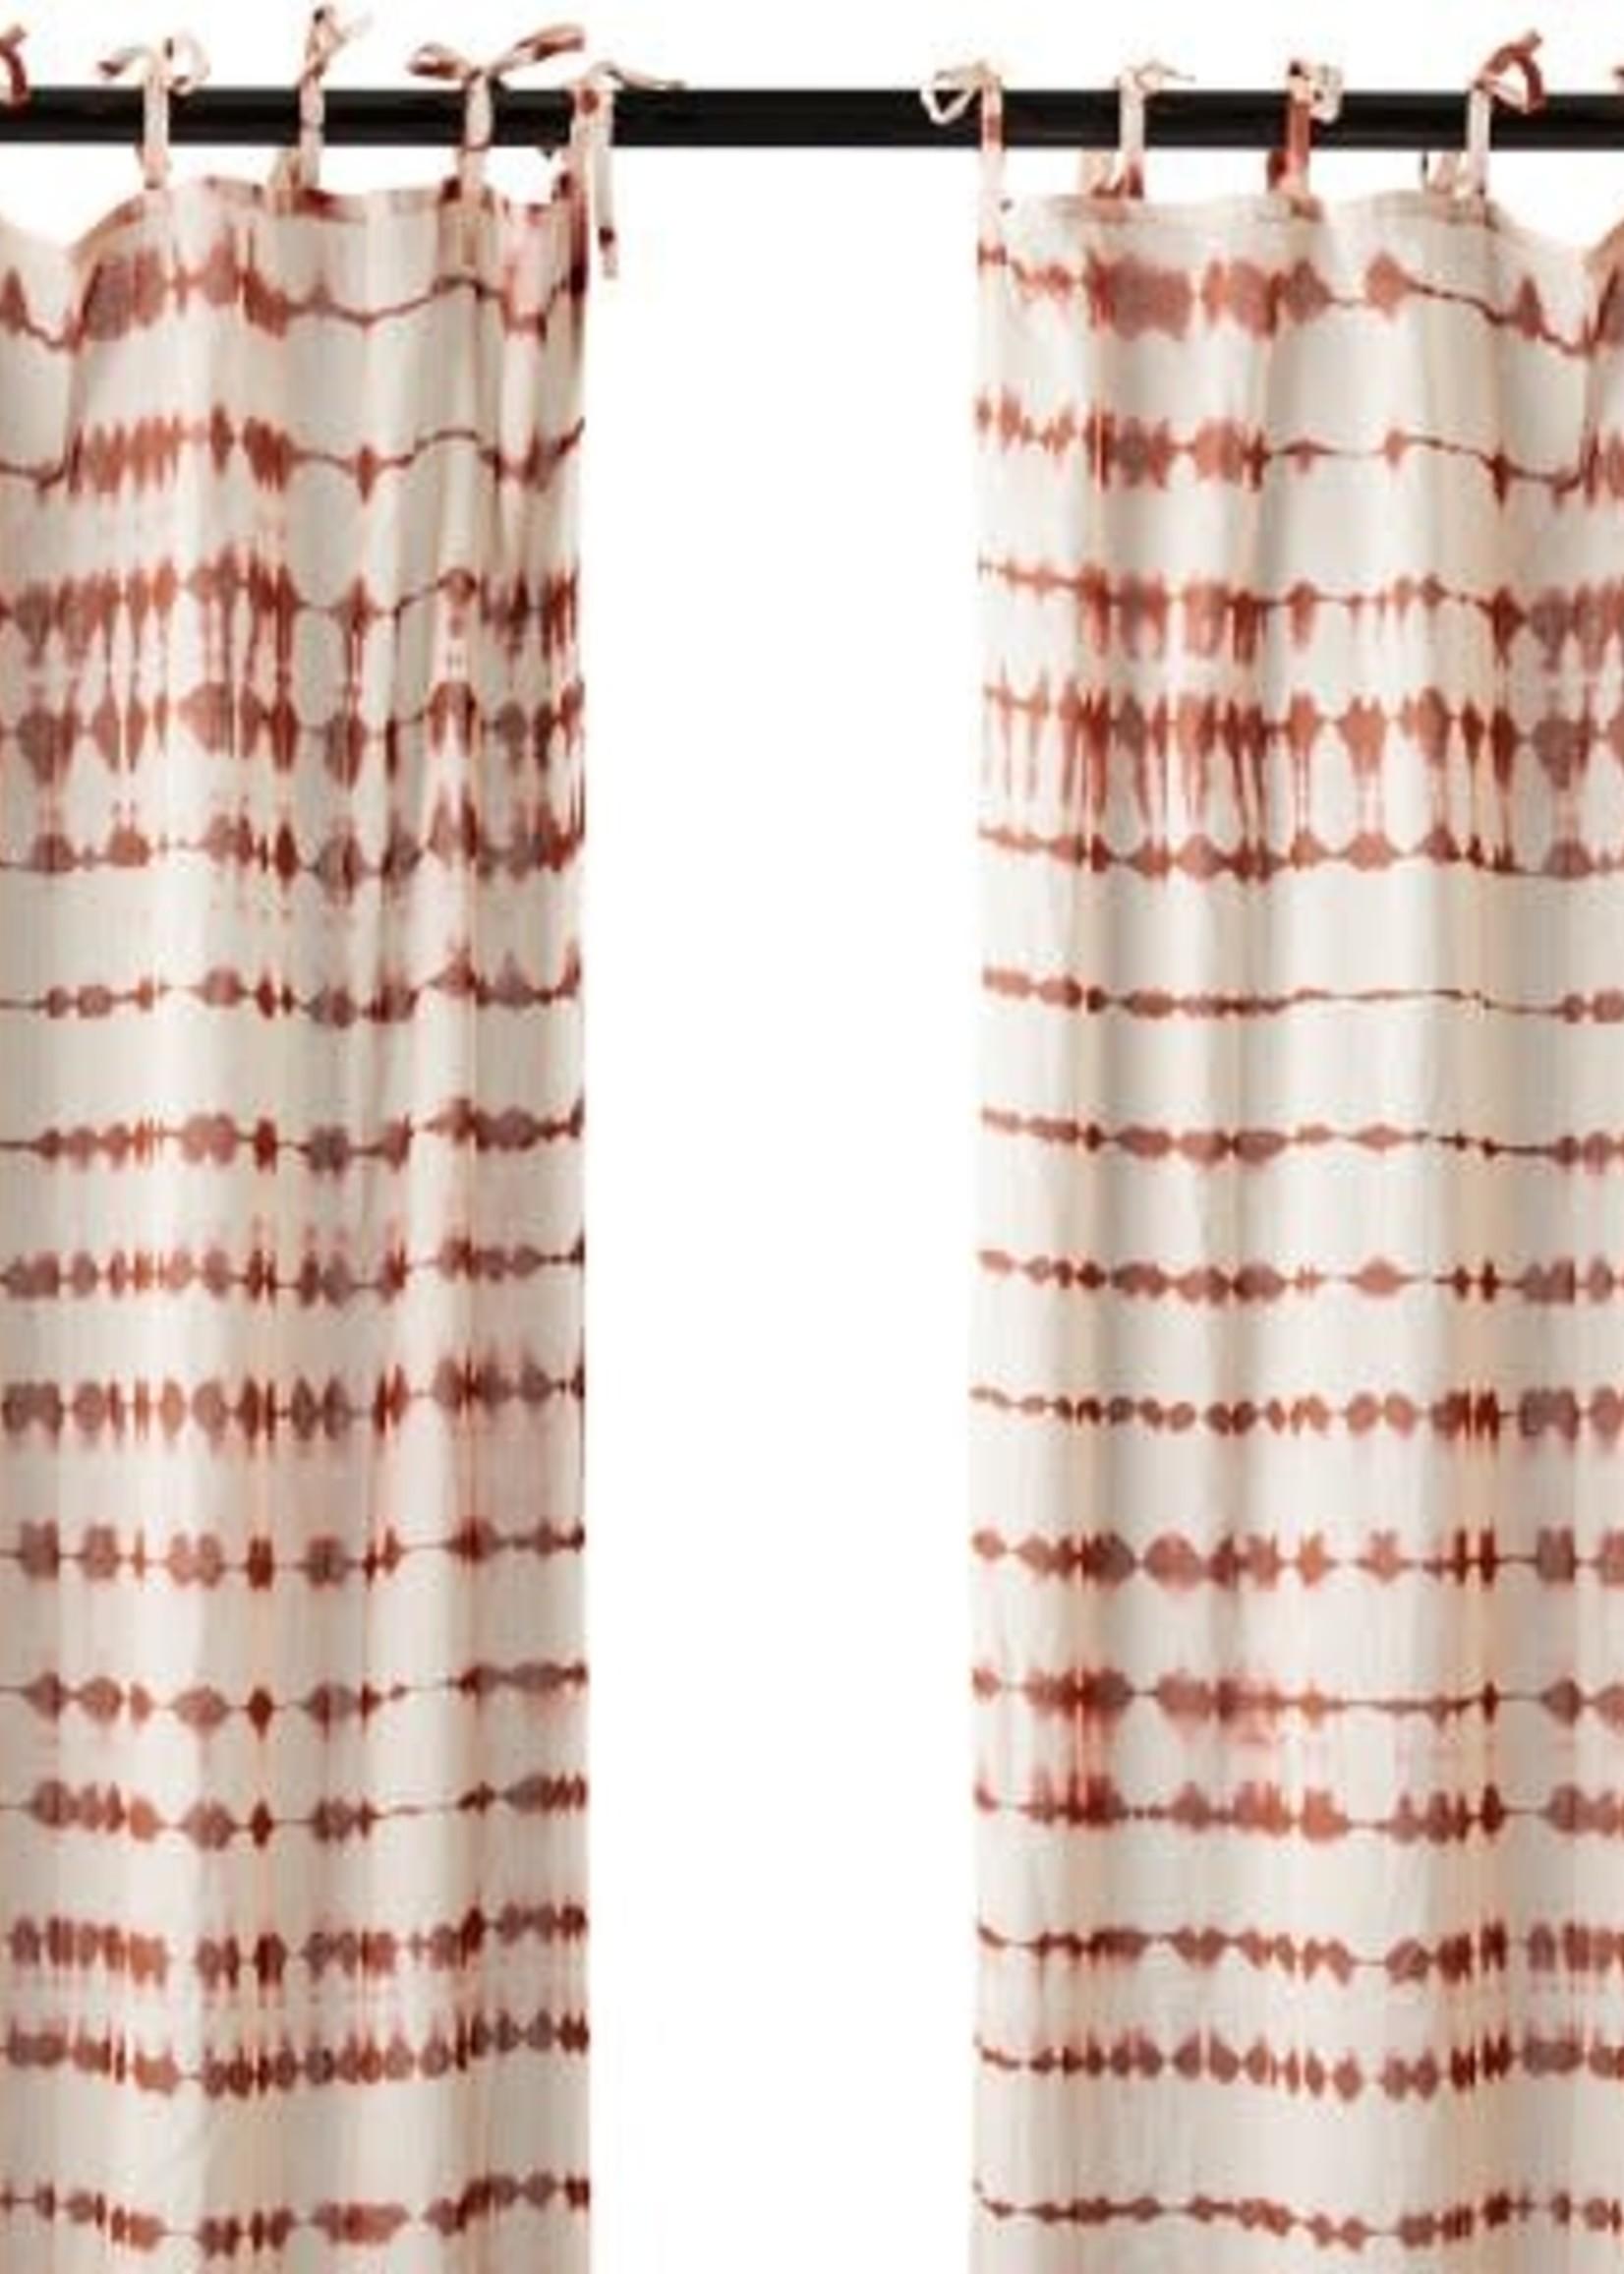 Affari Gordijnen Tie dye ROOD 100x250cm